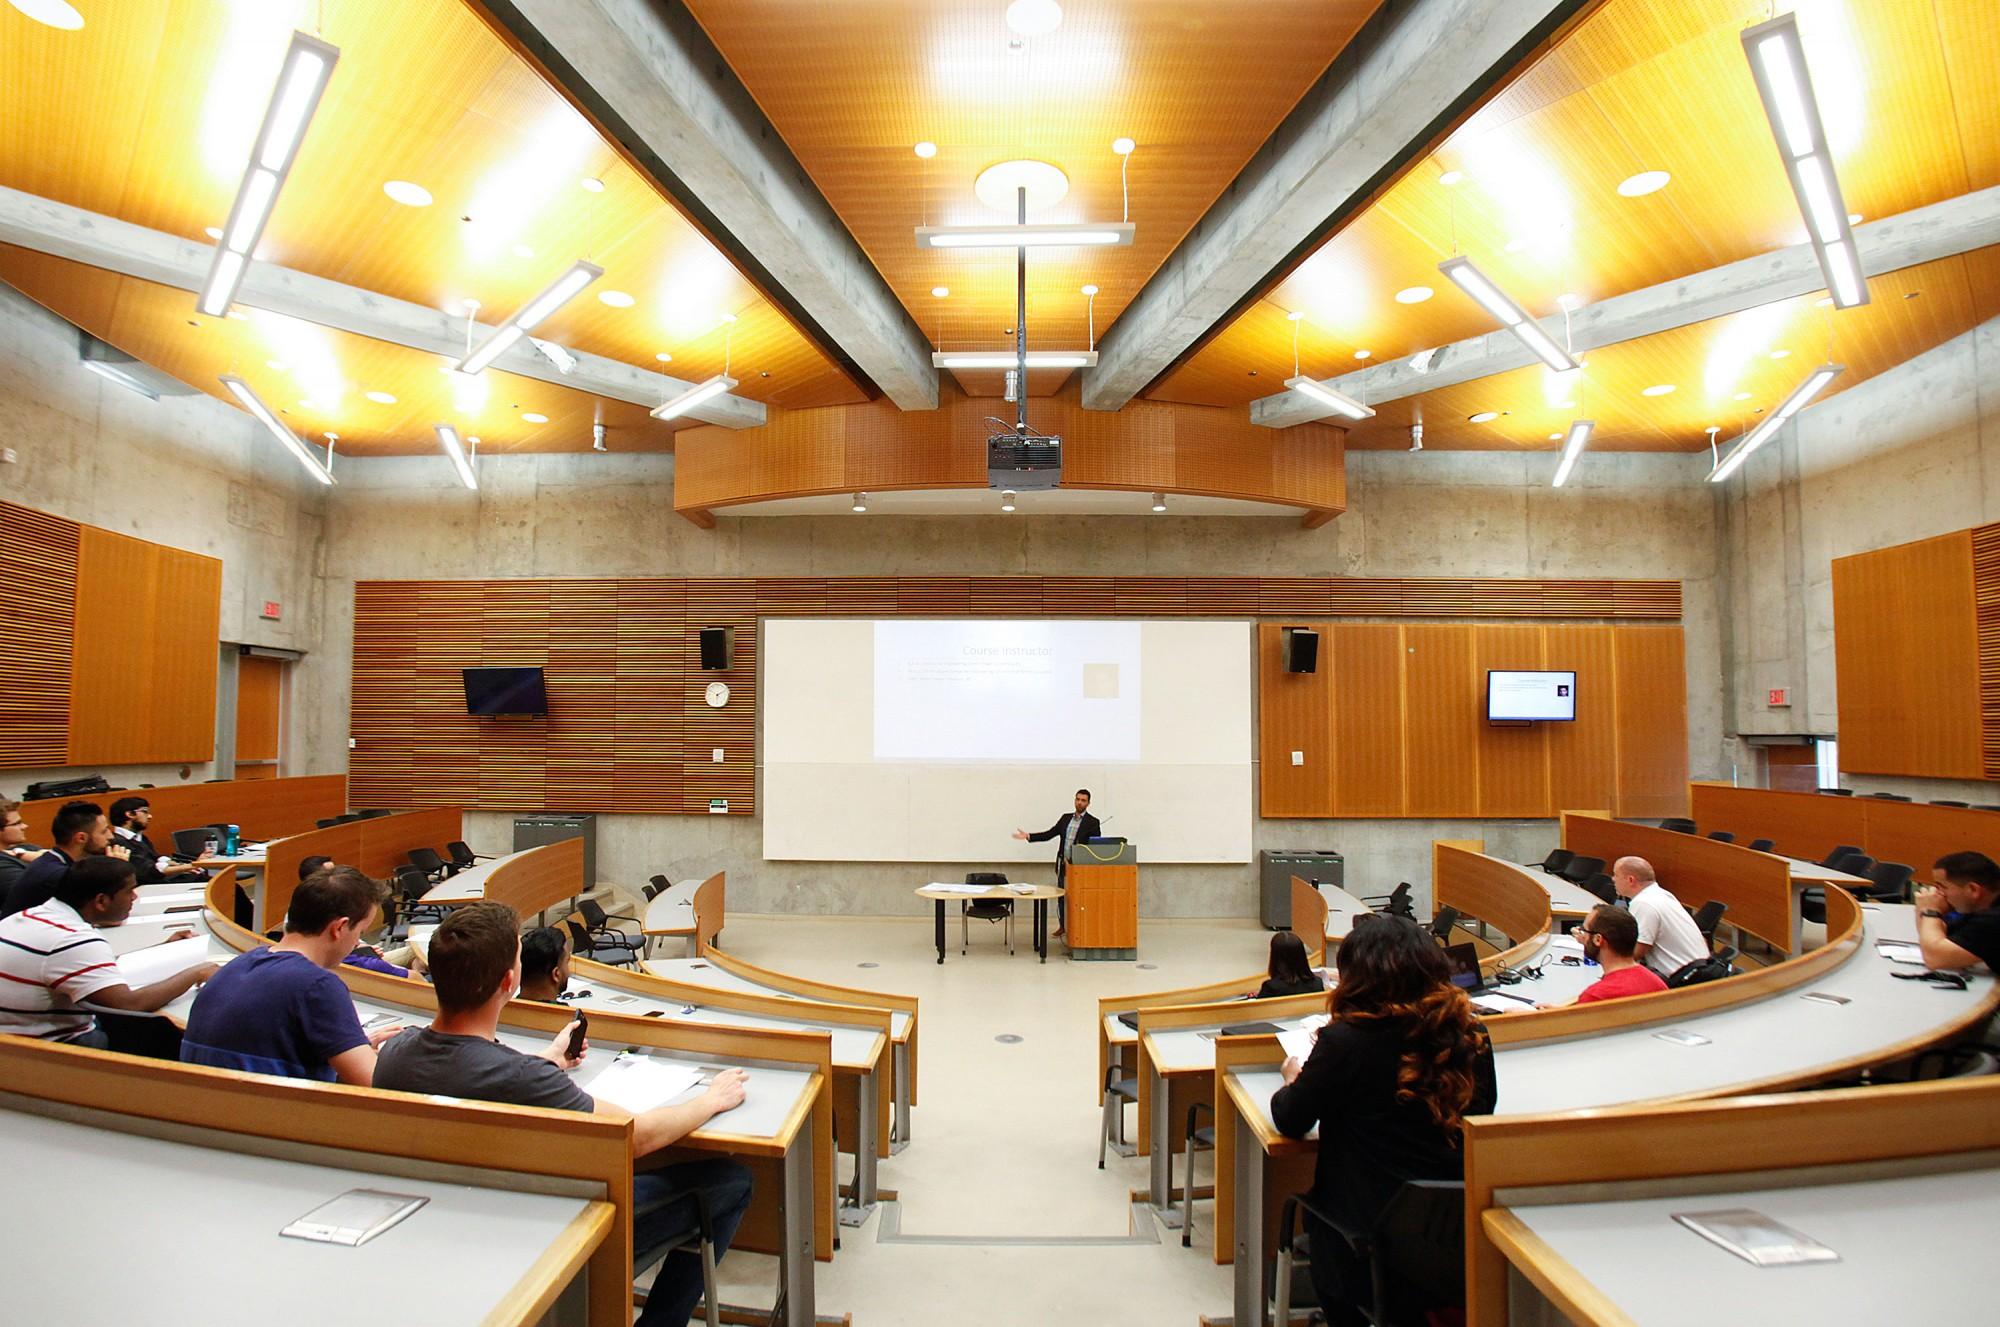 Kết quả hình ảnh cho university of windsor classrooms